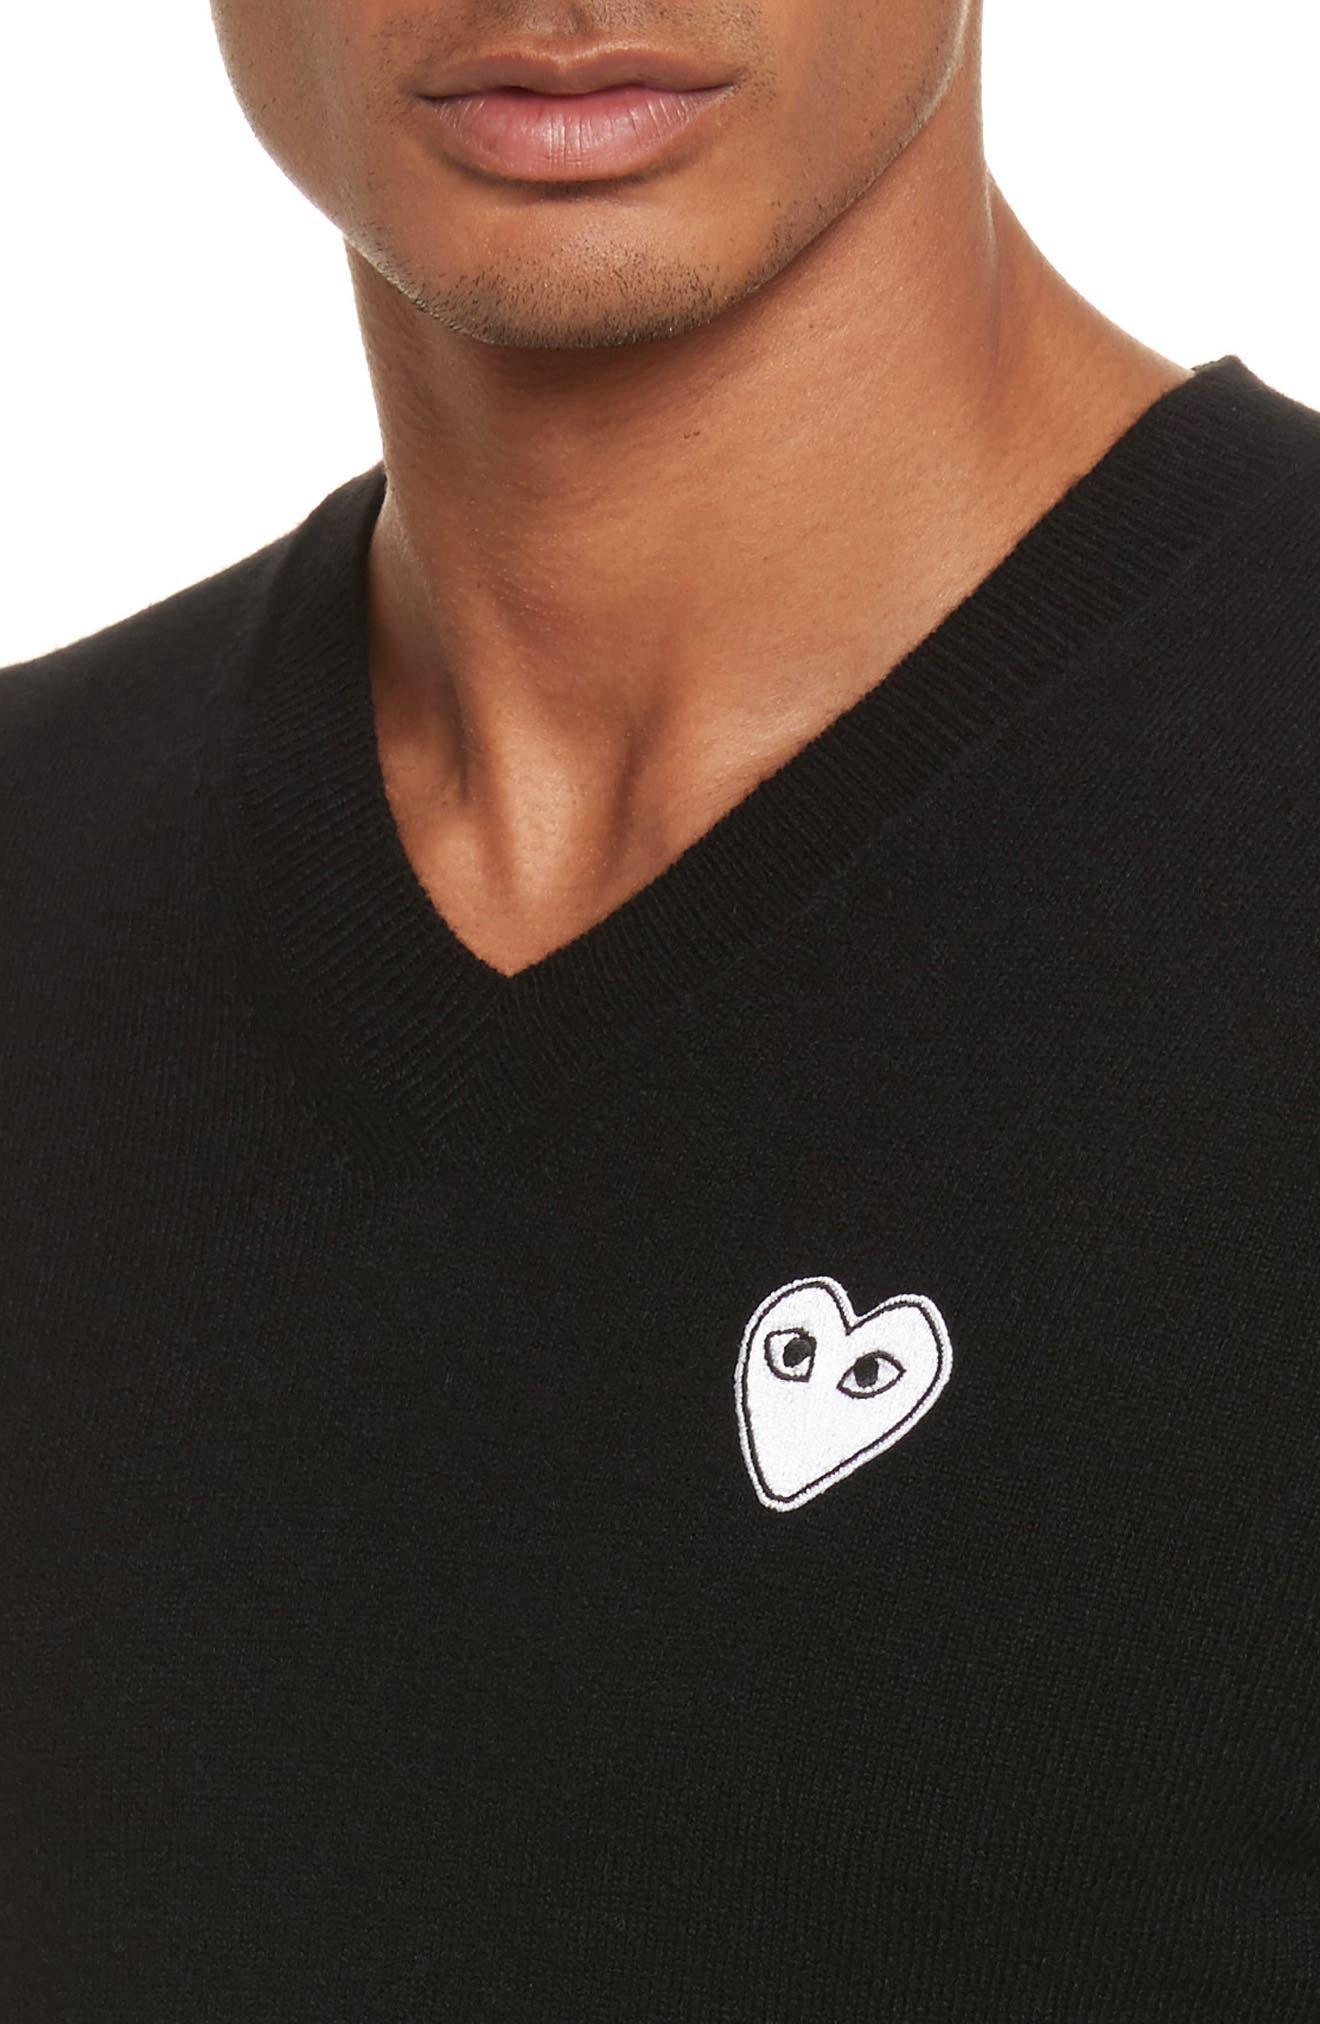 White Heart Wool V-Neck Sweater,                             Alternate thumbnail 4, color,                             BLACK